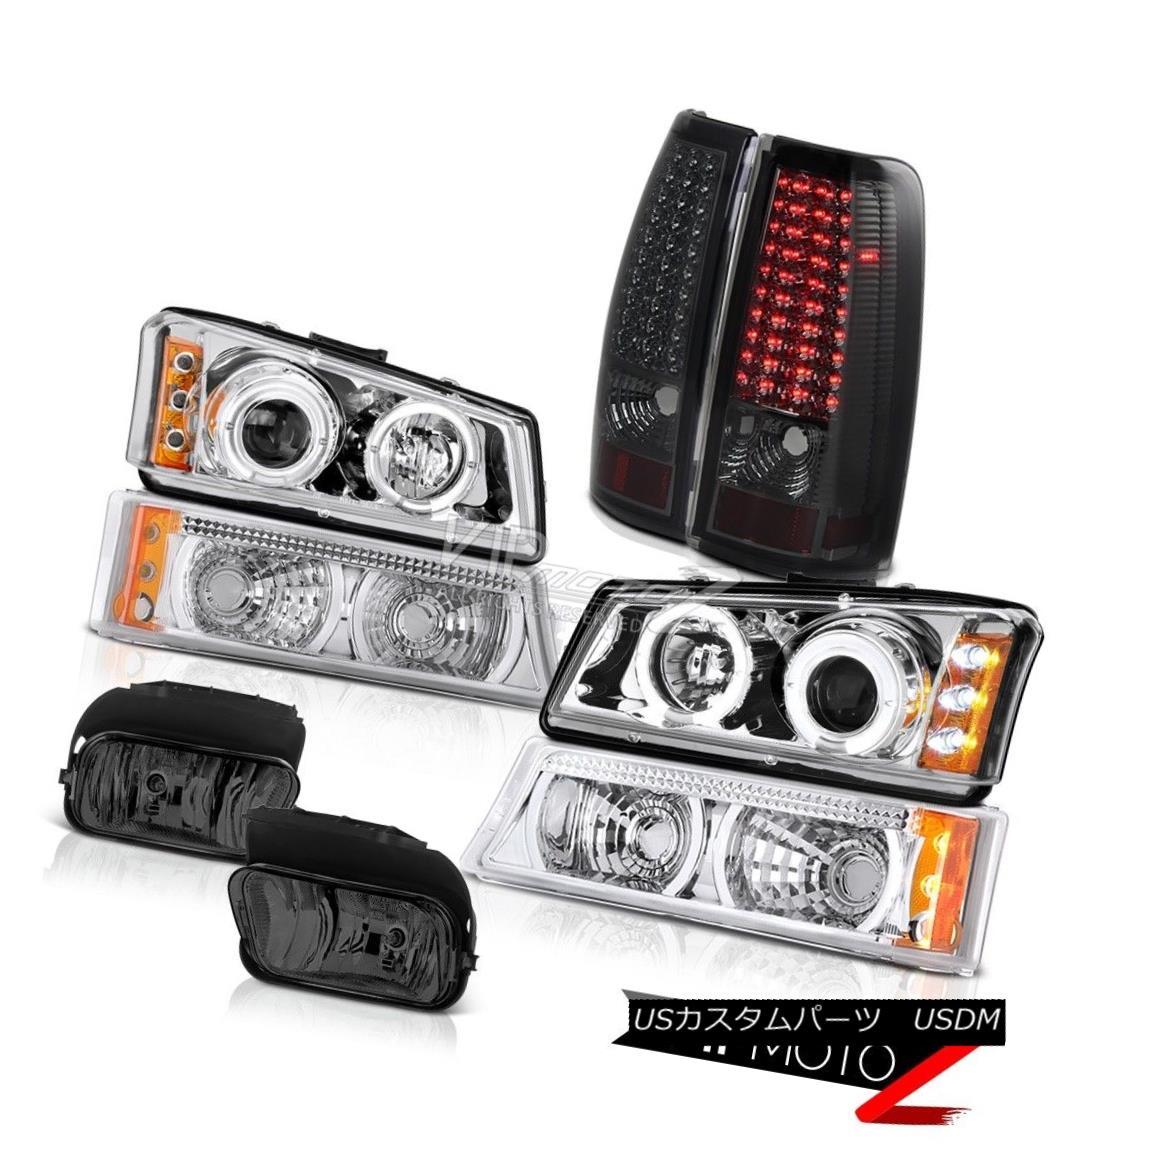 ヘッドライト 2003-2006 Silverado LS Projector Headlamp Smoke Rear Brake Tail Lights Foglights 2003-2006 Silverado LSプロジェクターヘッドランプスモークリアブレーキテールライトフォグライト